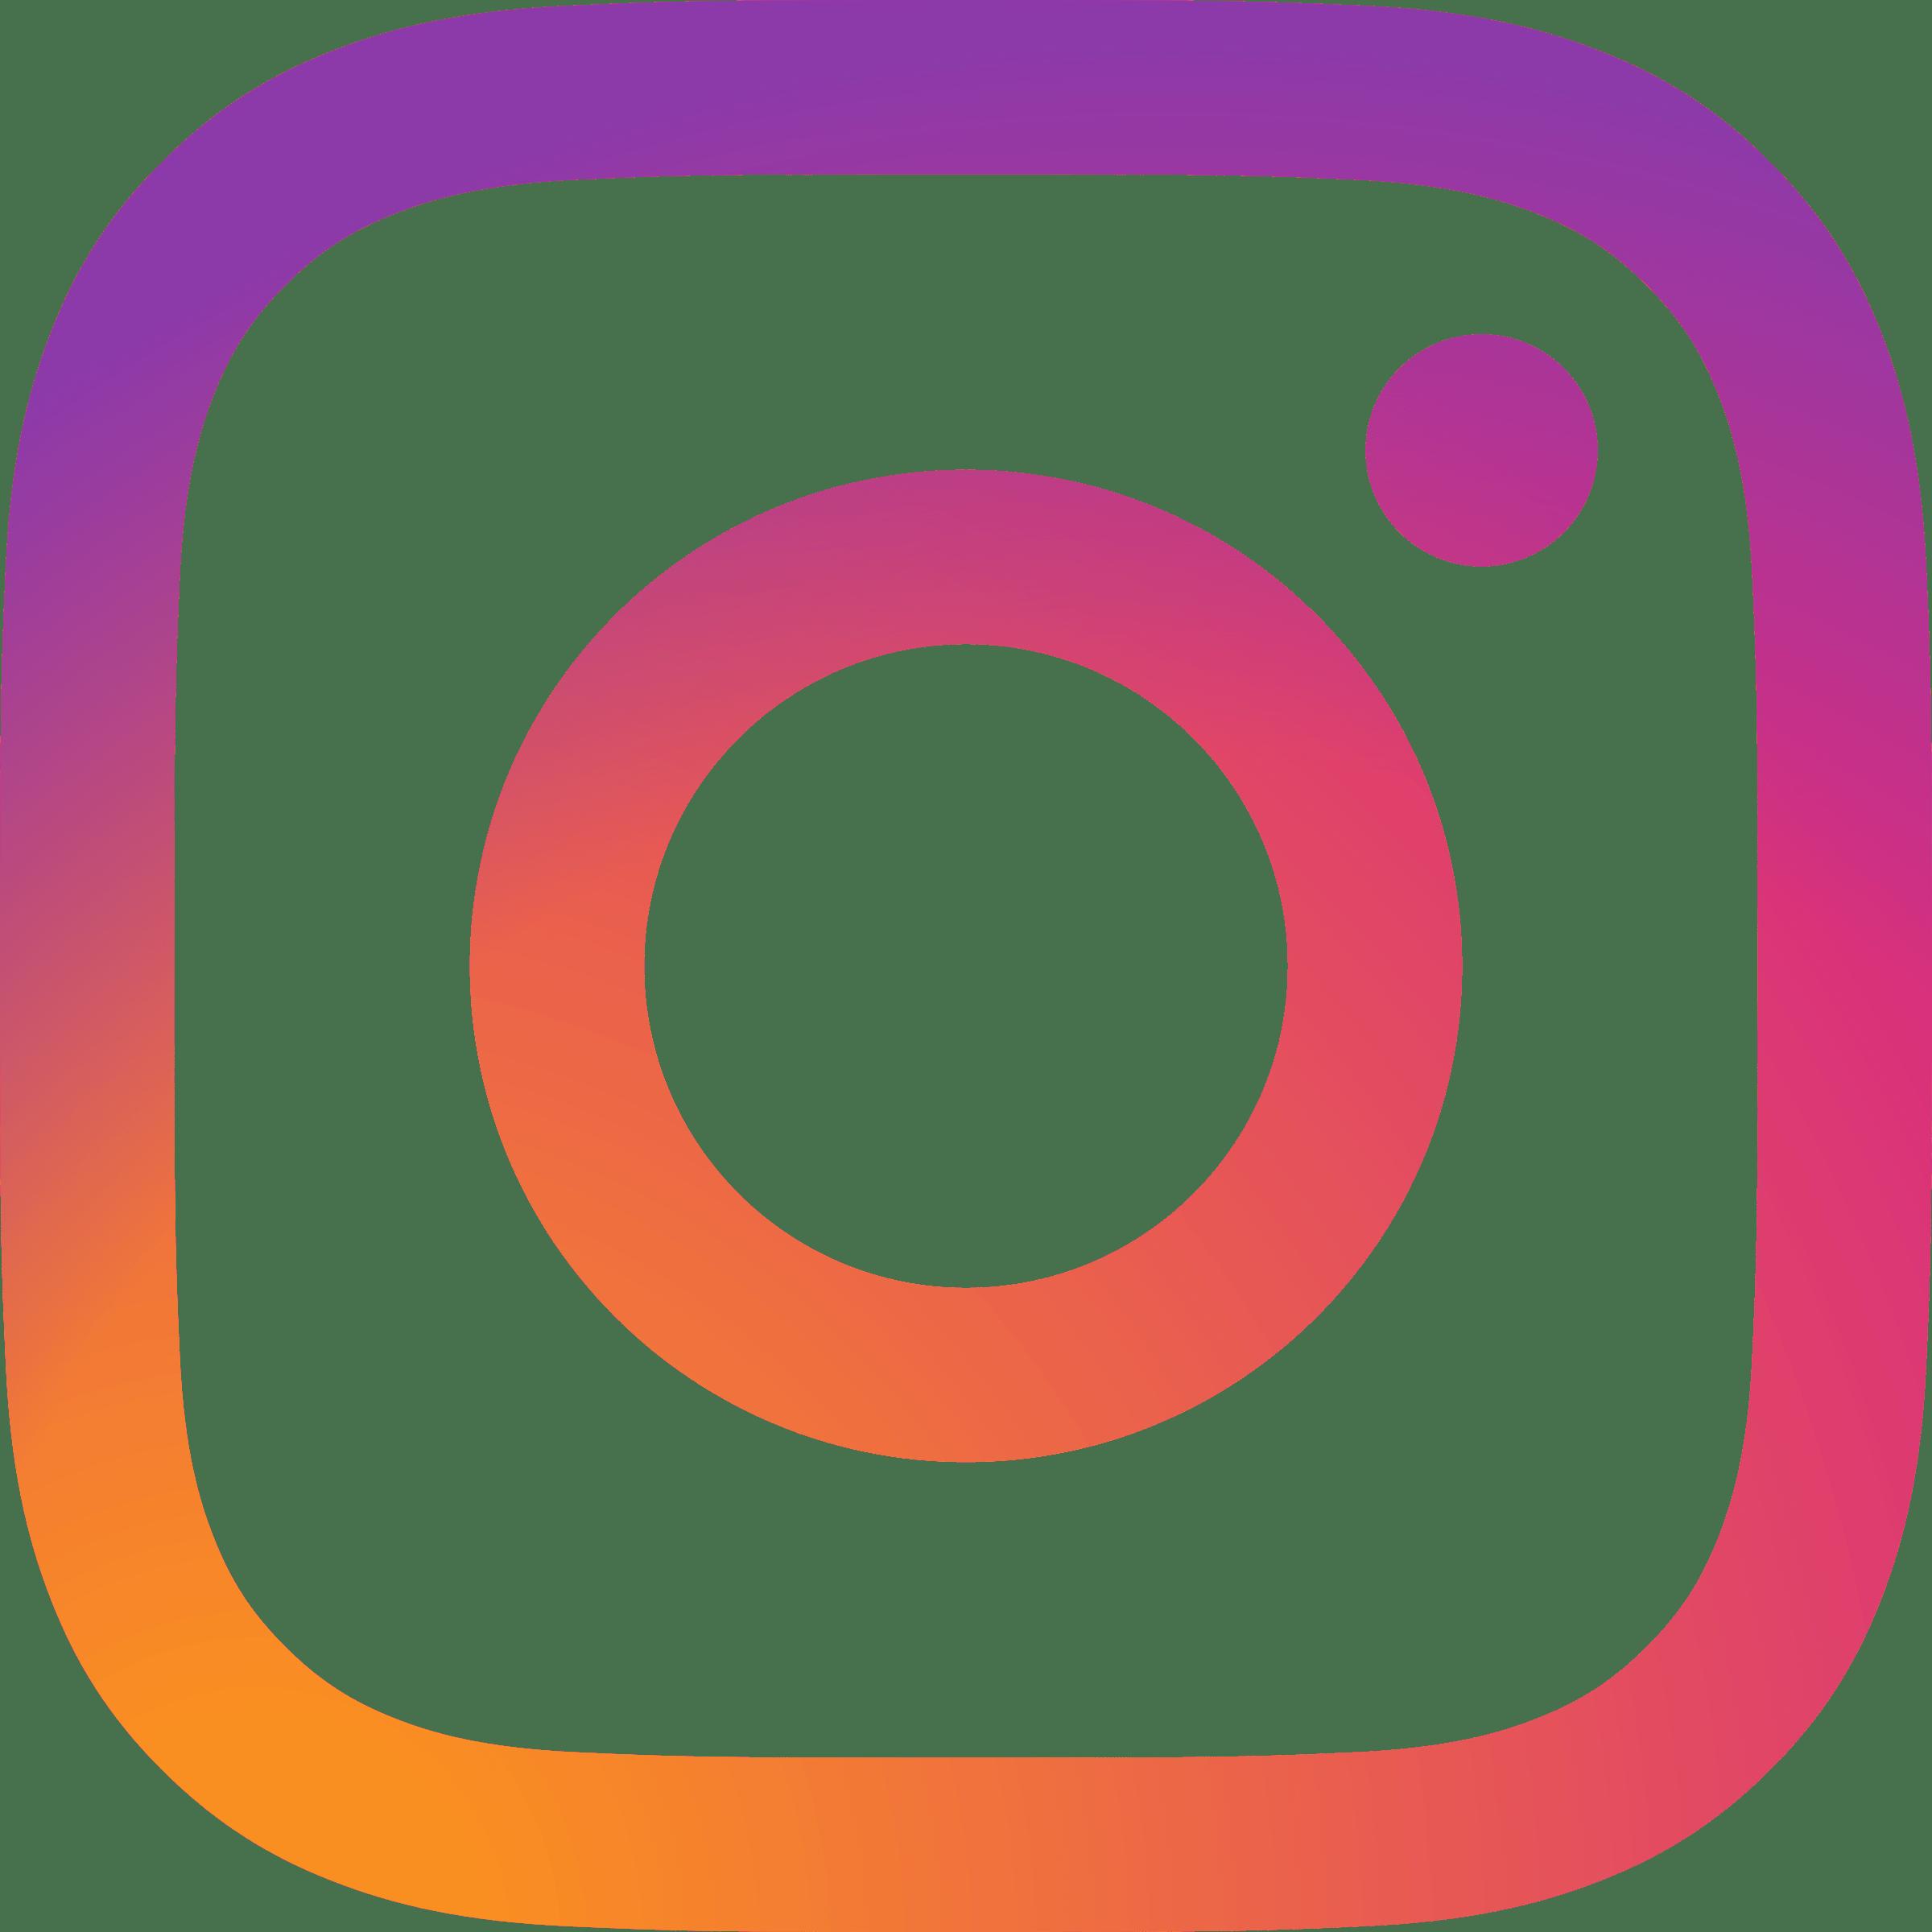 logo-instagram-png-fundo-transparente13